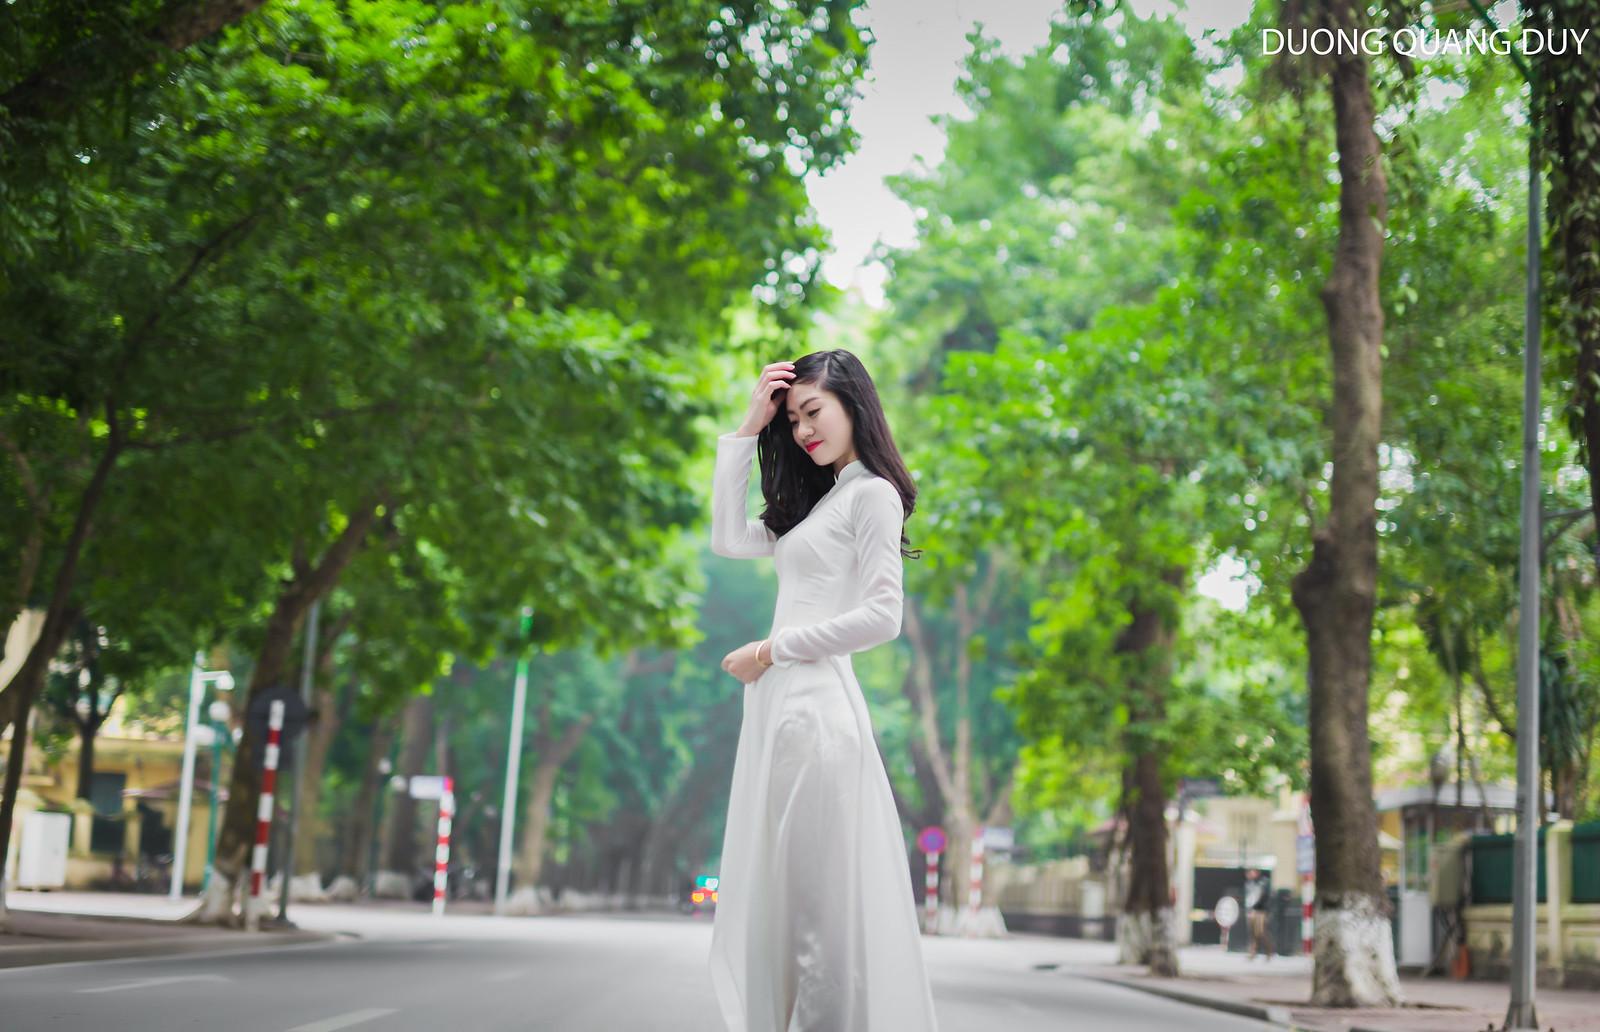 Áo dài trắng - Hà Nội chớm đông 3